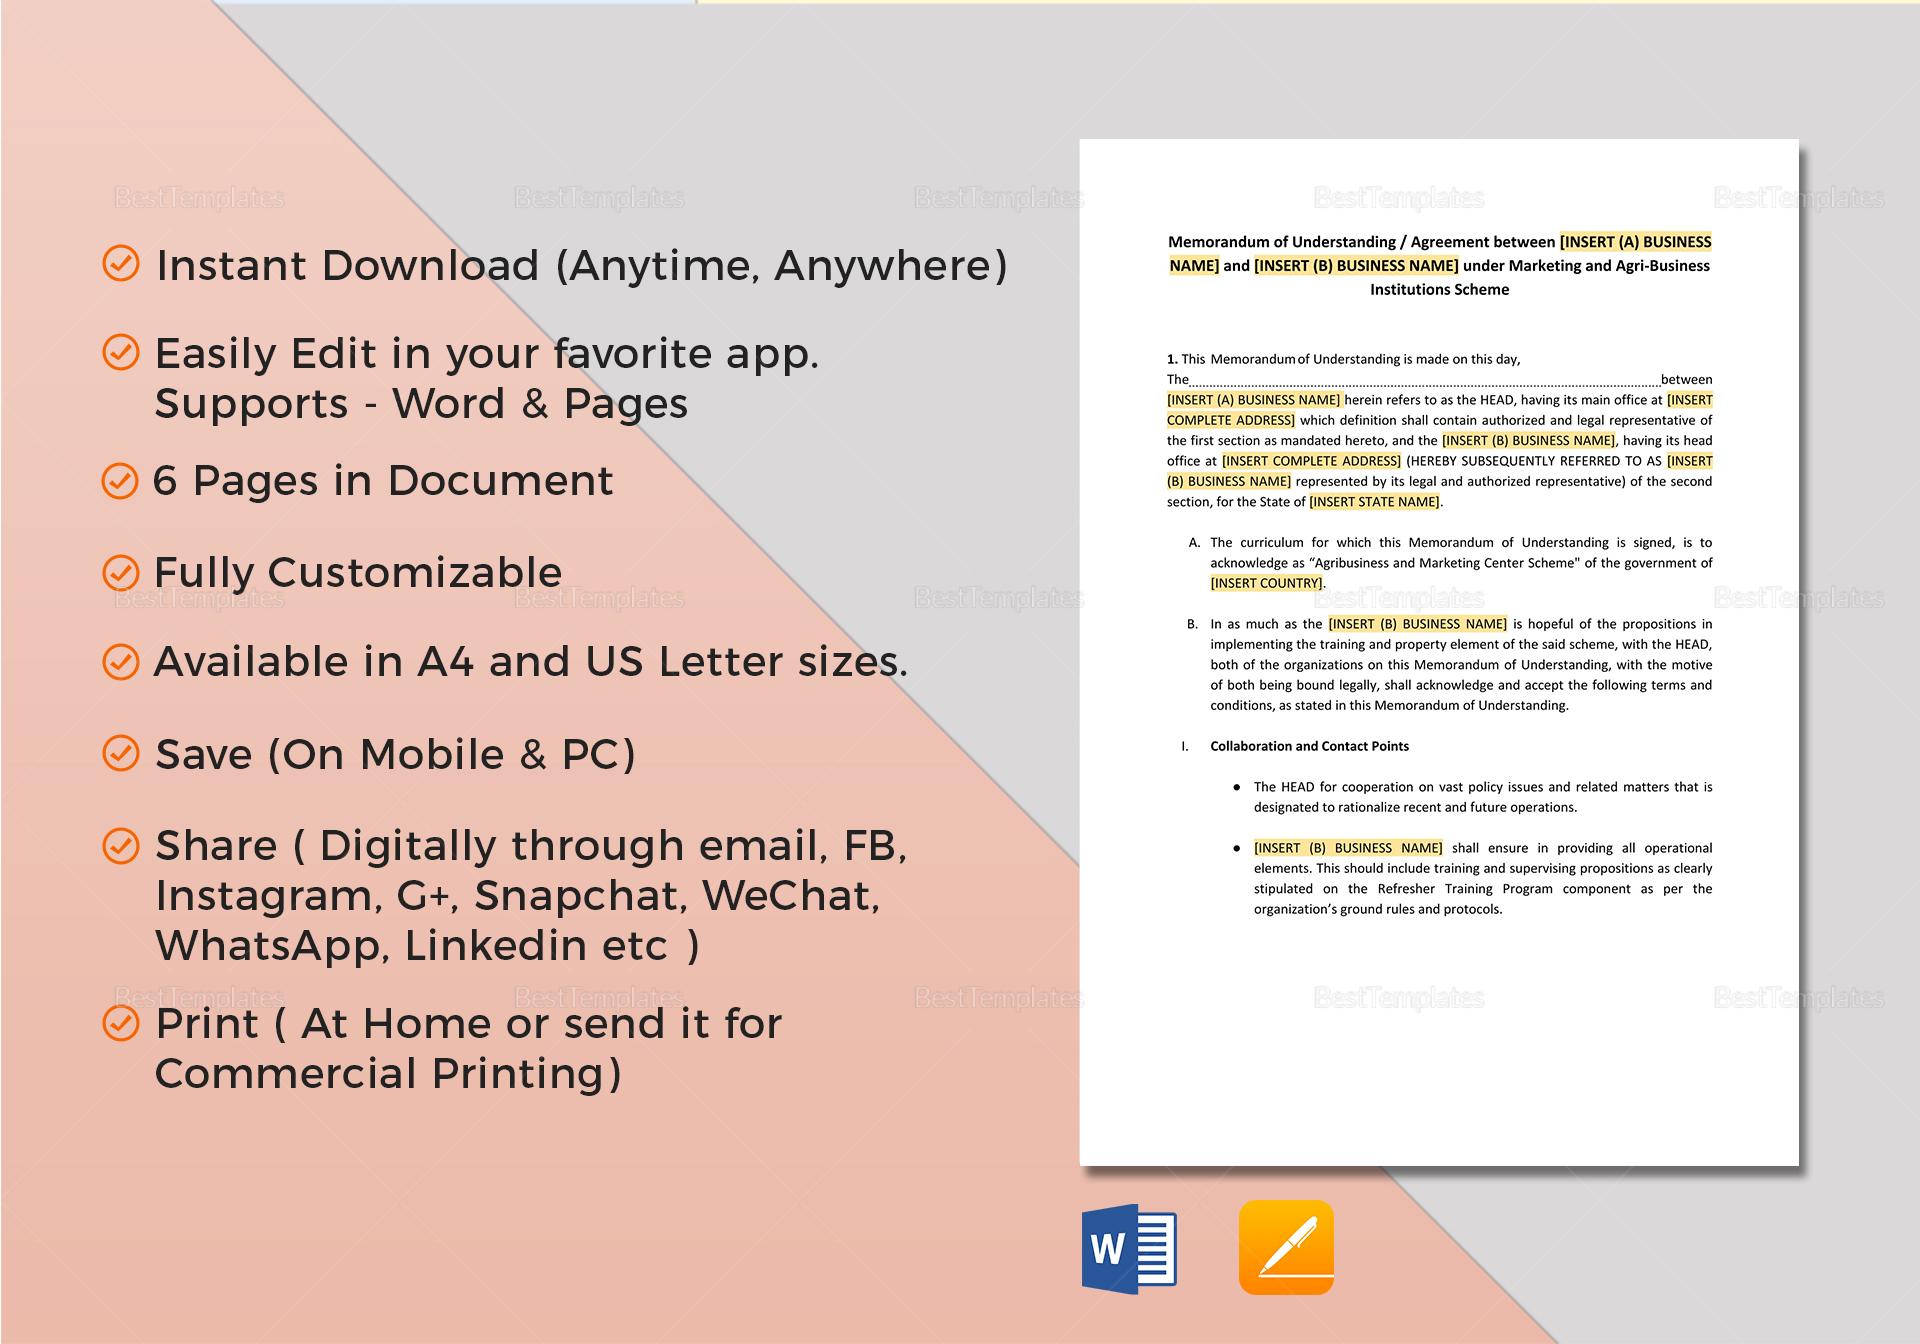 Template For Memorandum Of Understanding In Business